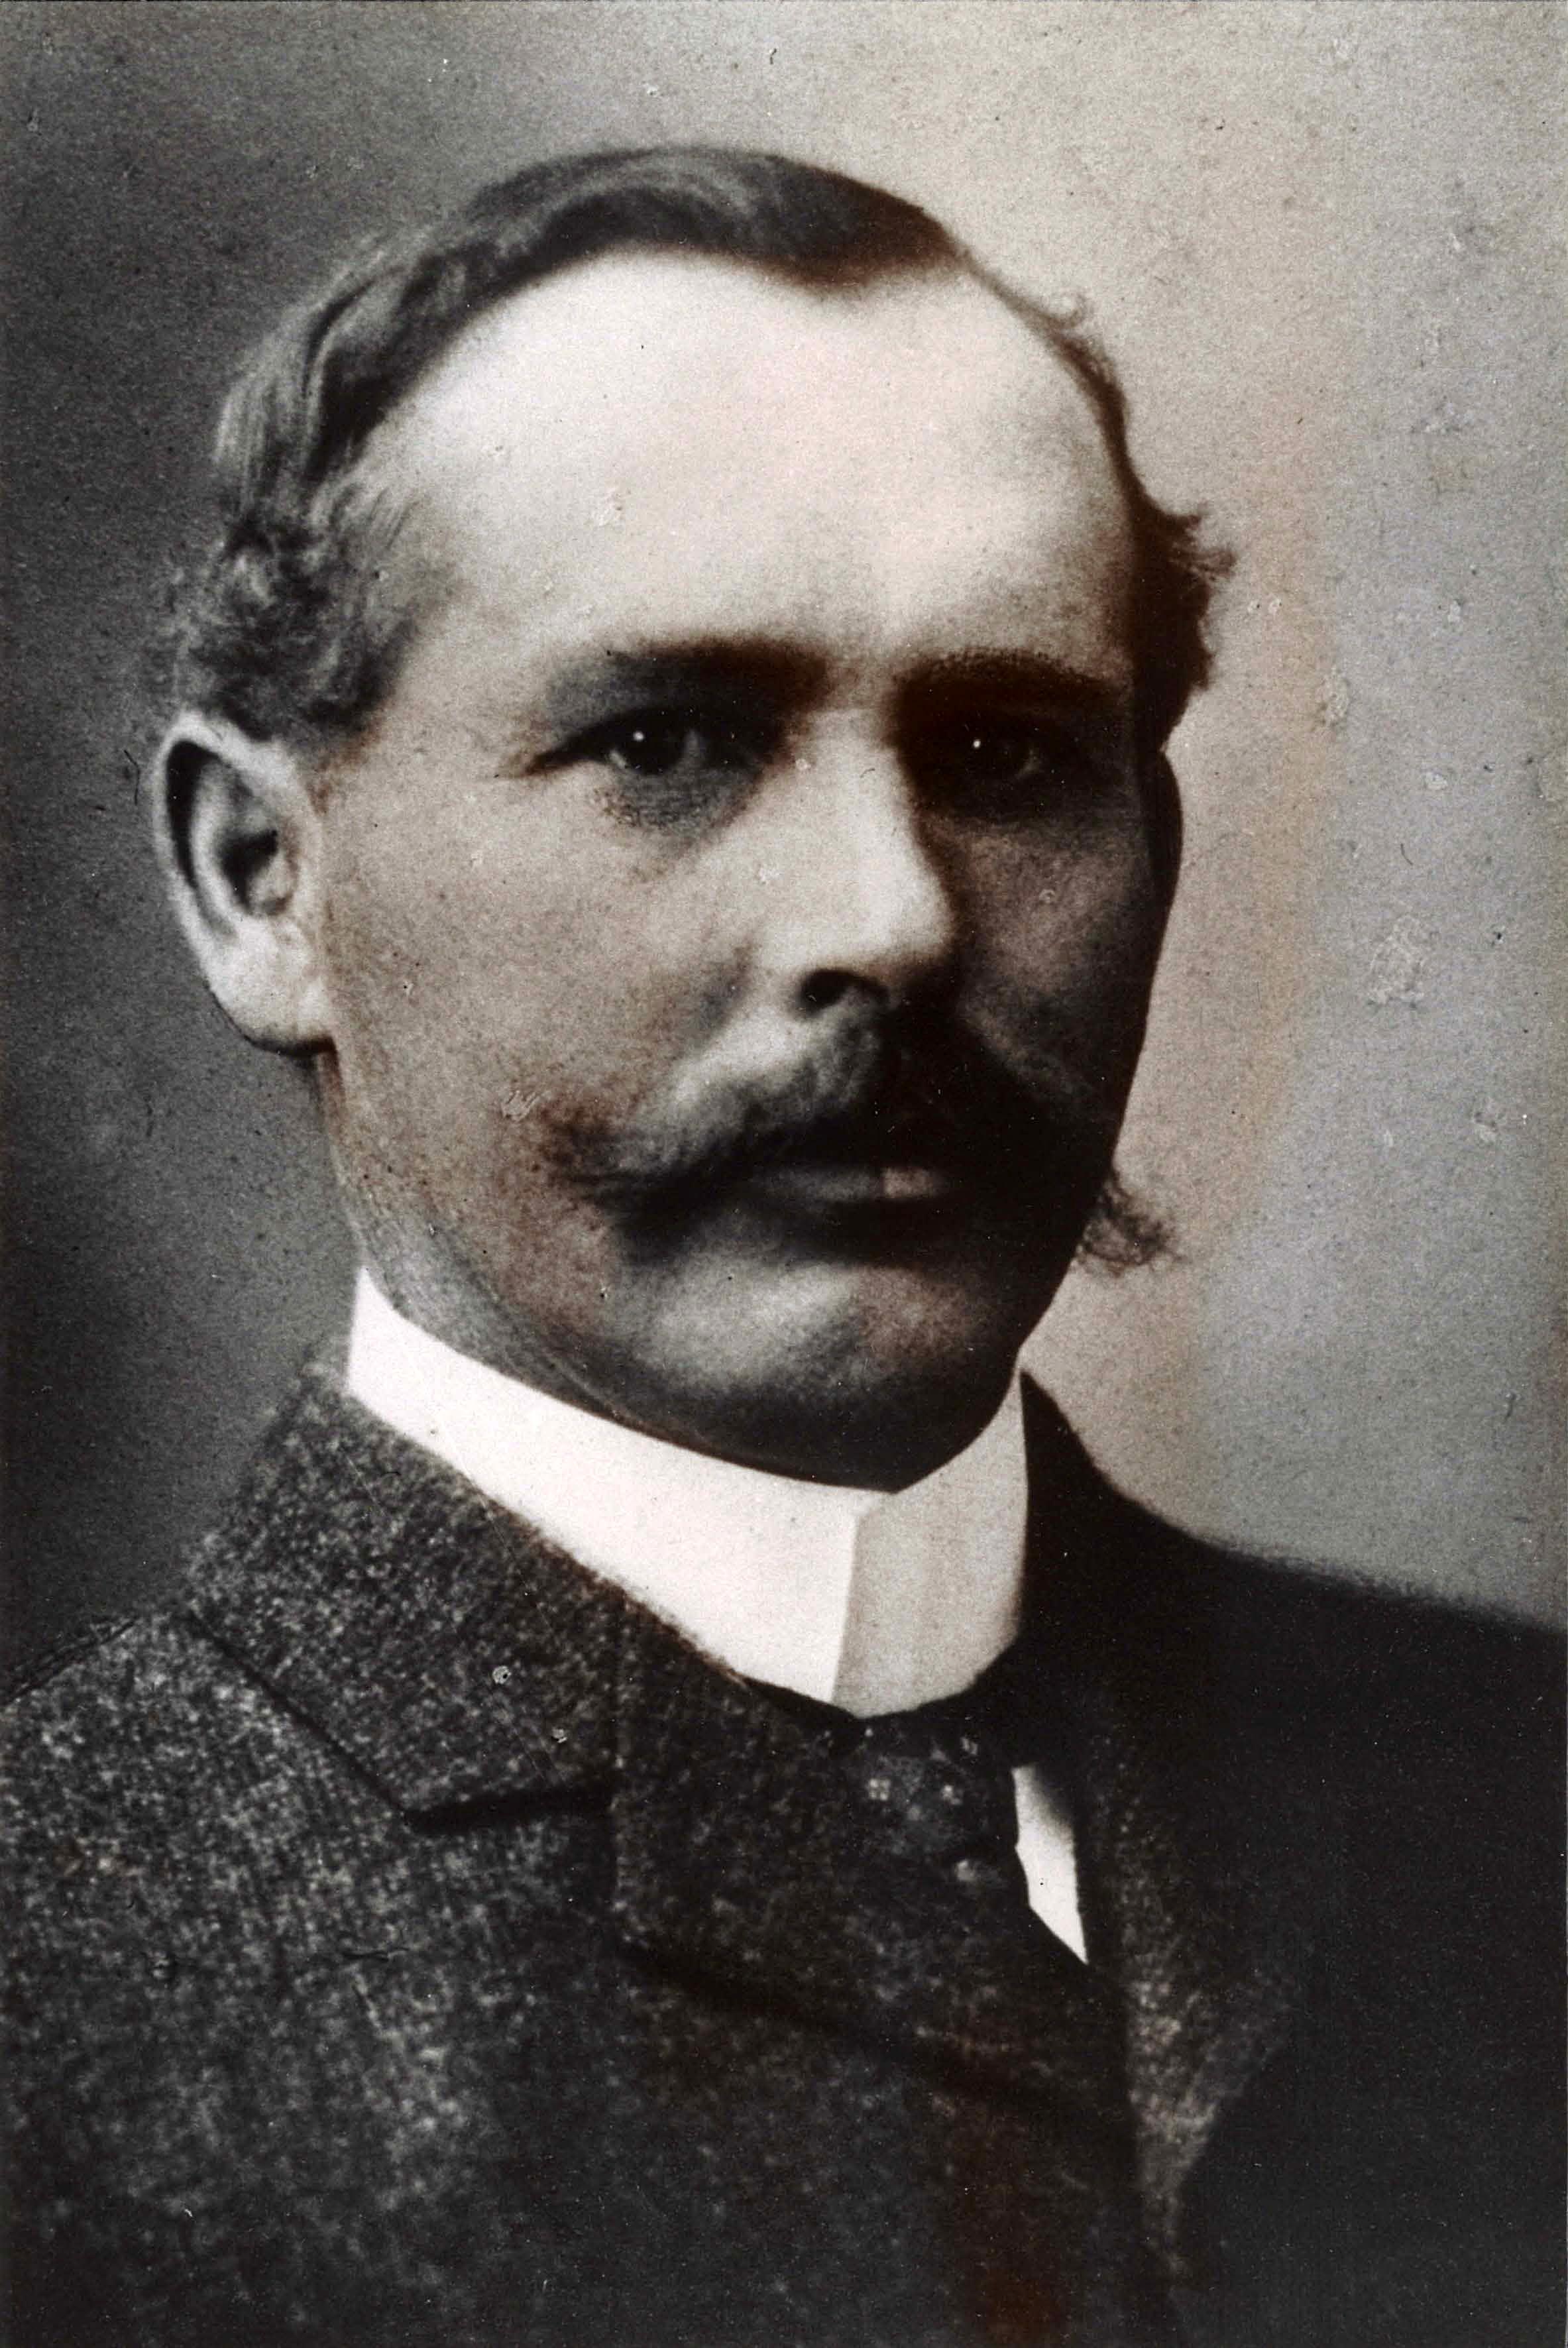 William Lowrie (1900s)